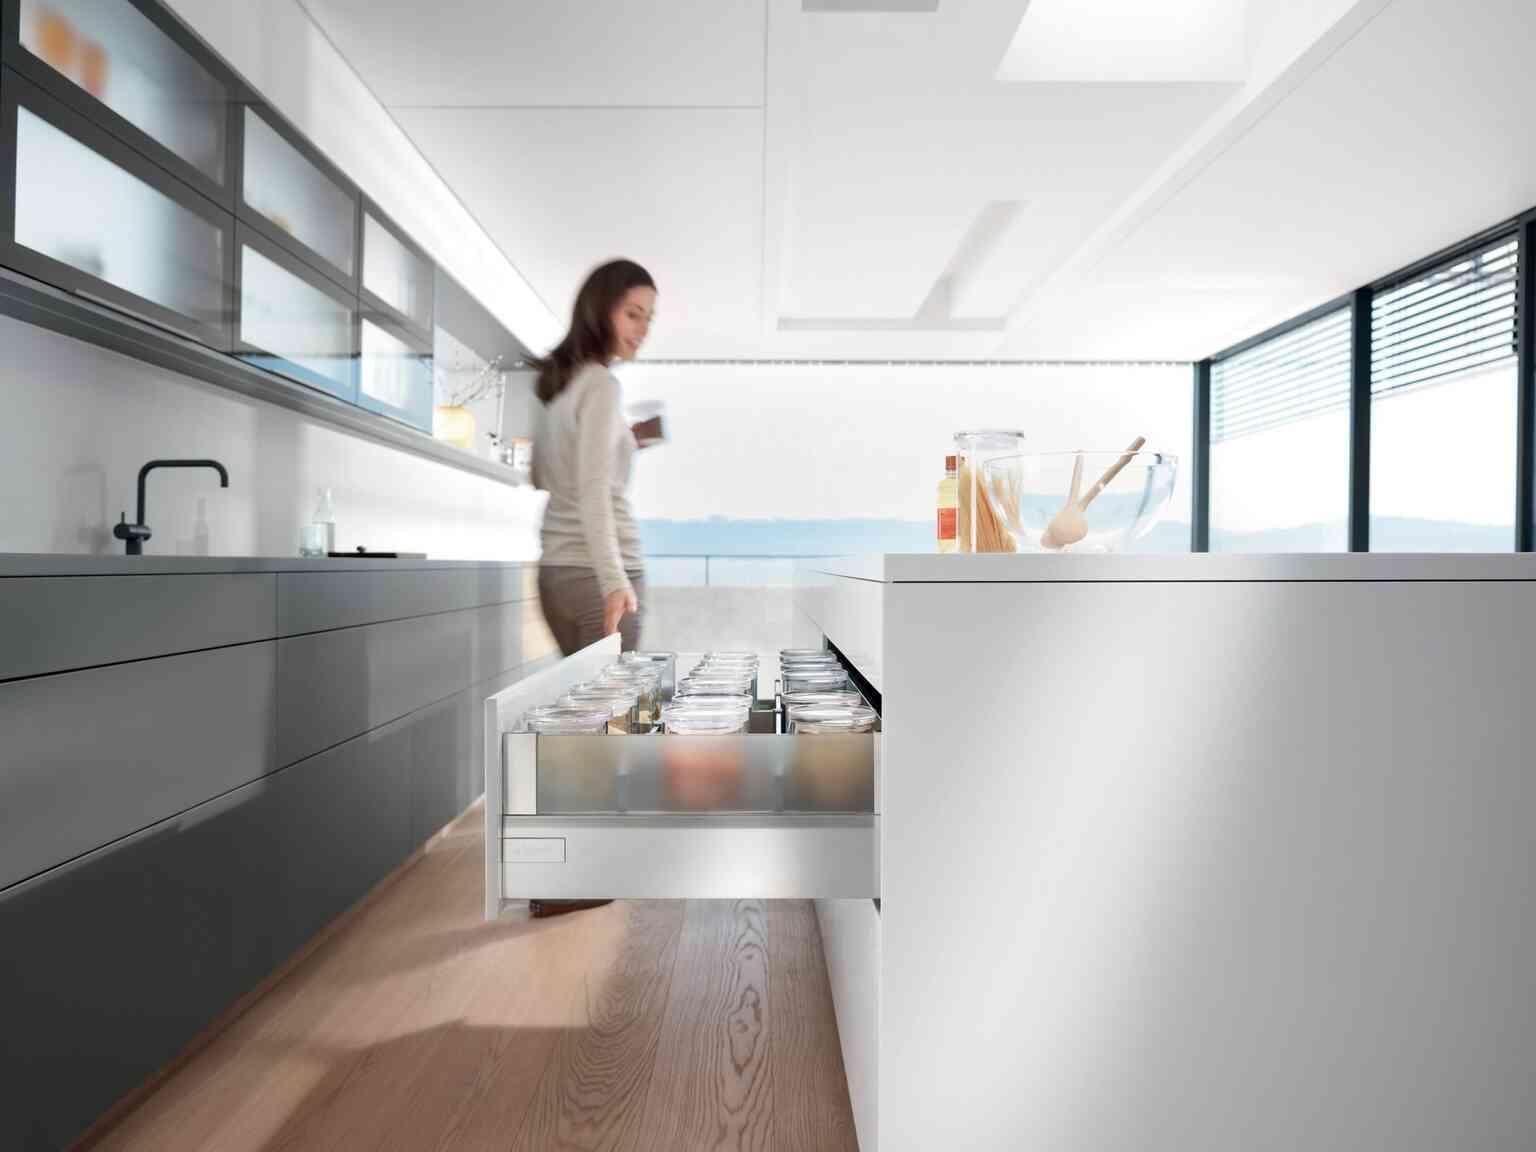 מגירות אינטיבו T למטבח | בלורן מוצרי פרזול איכותיים למטבח